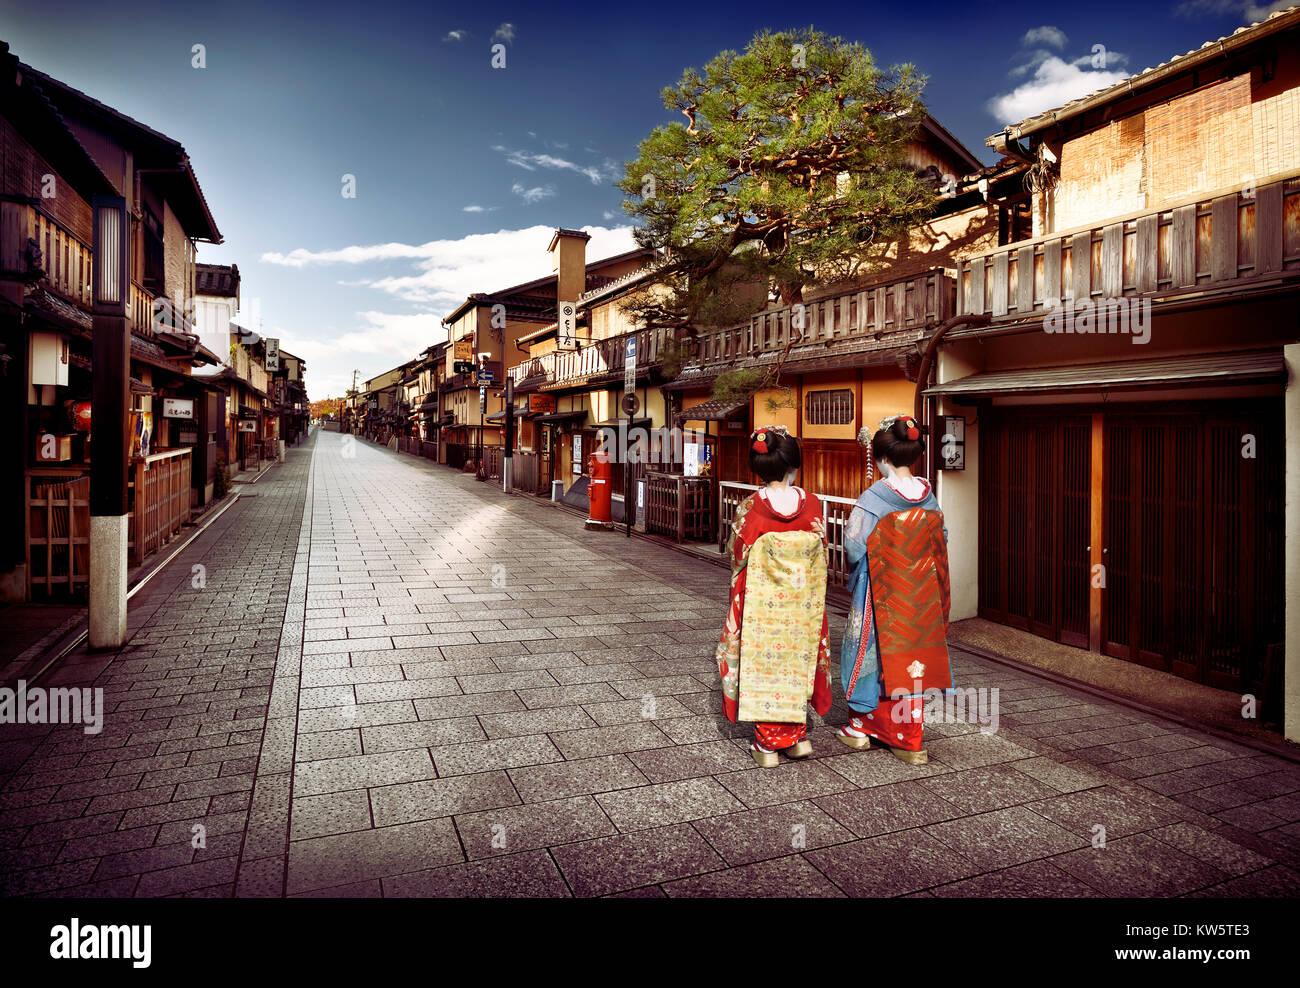 Due Maiko, Geisha apprendisti in splendidi kimono colorati con obi lunghe passeggiate lungo vuoto Hanamikoji Dori Immagini Stock